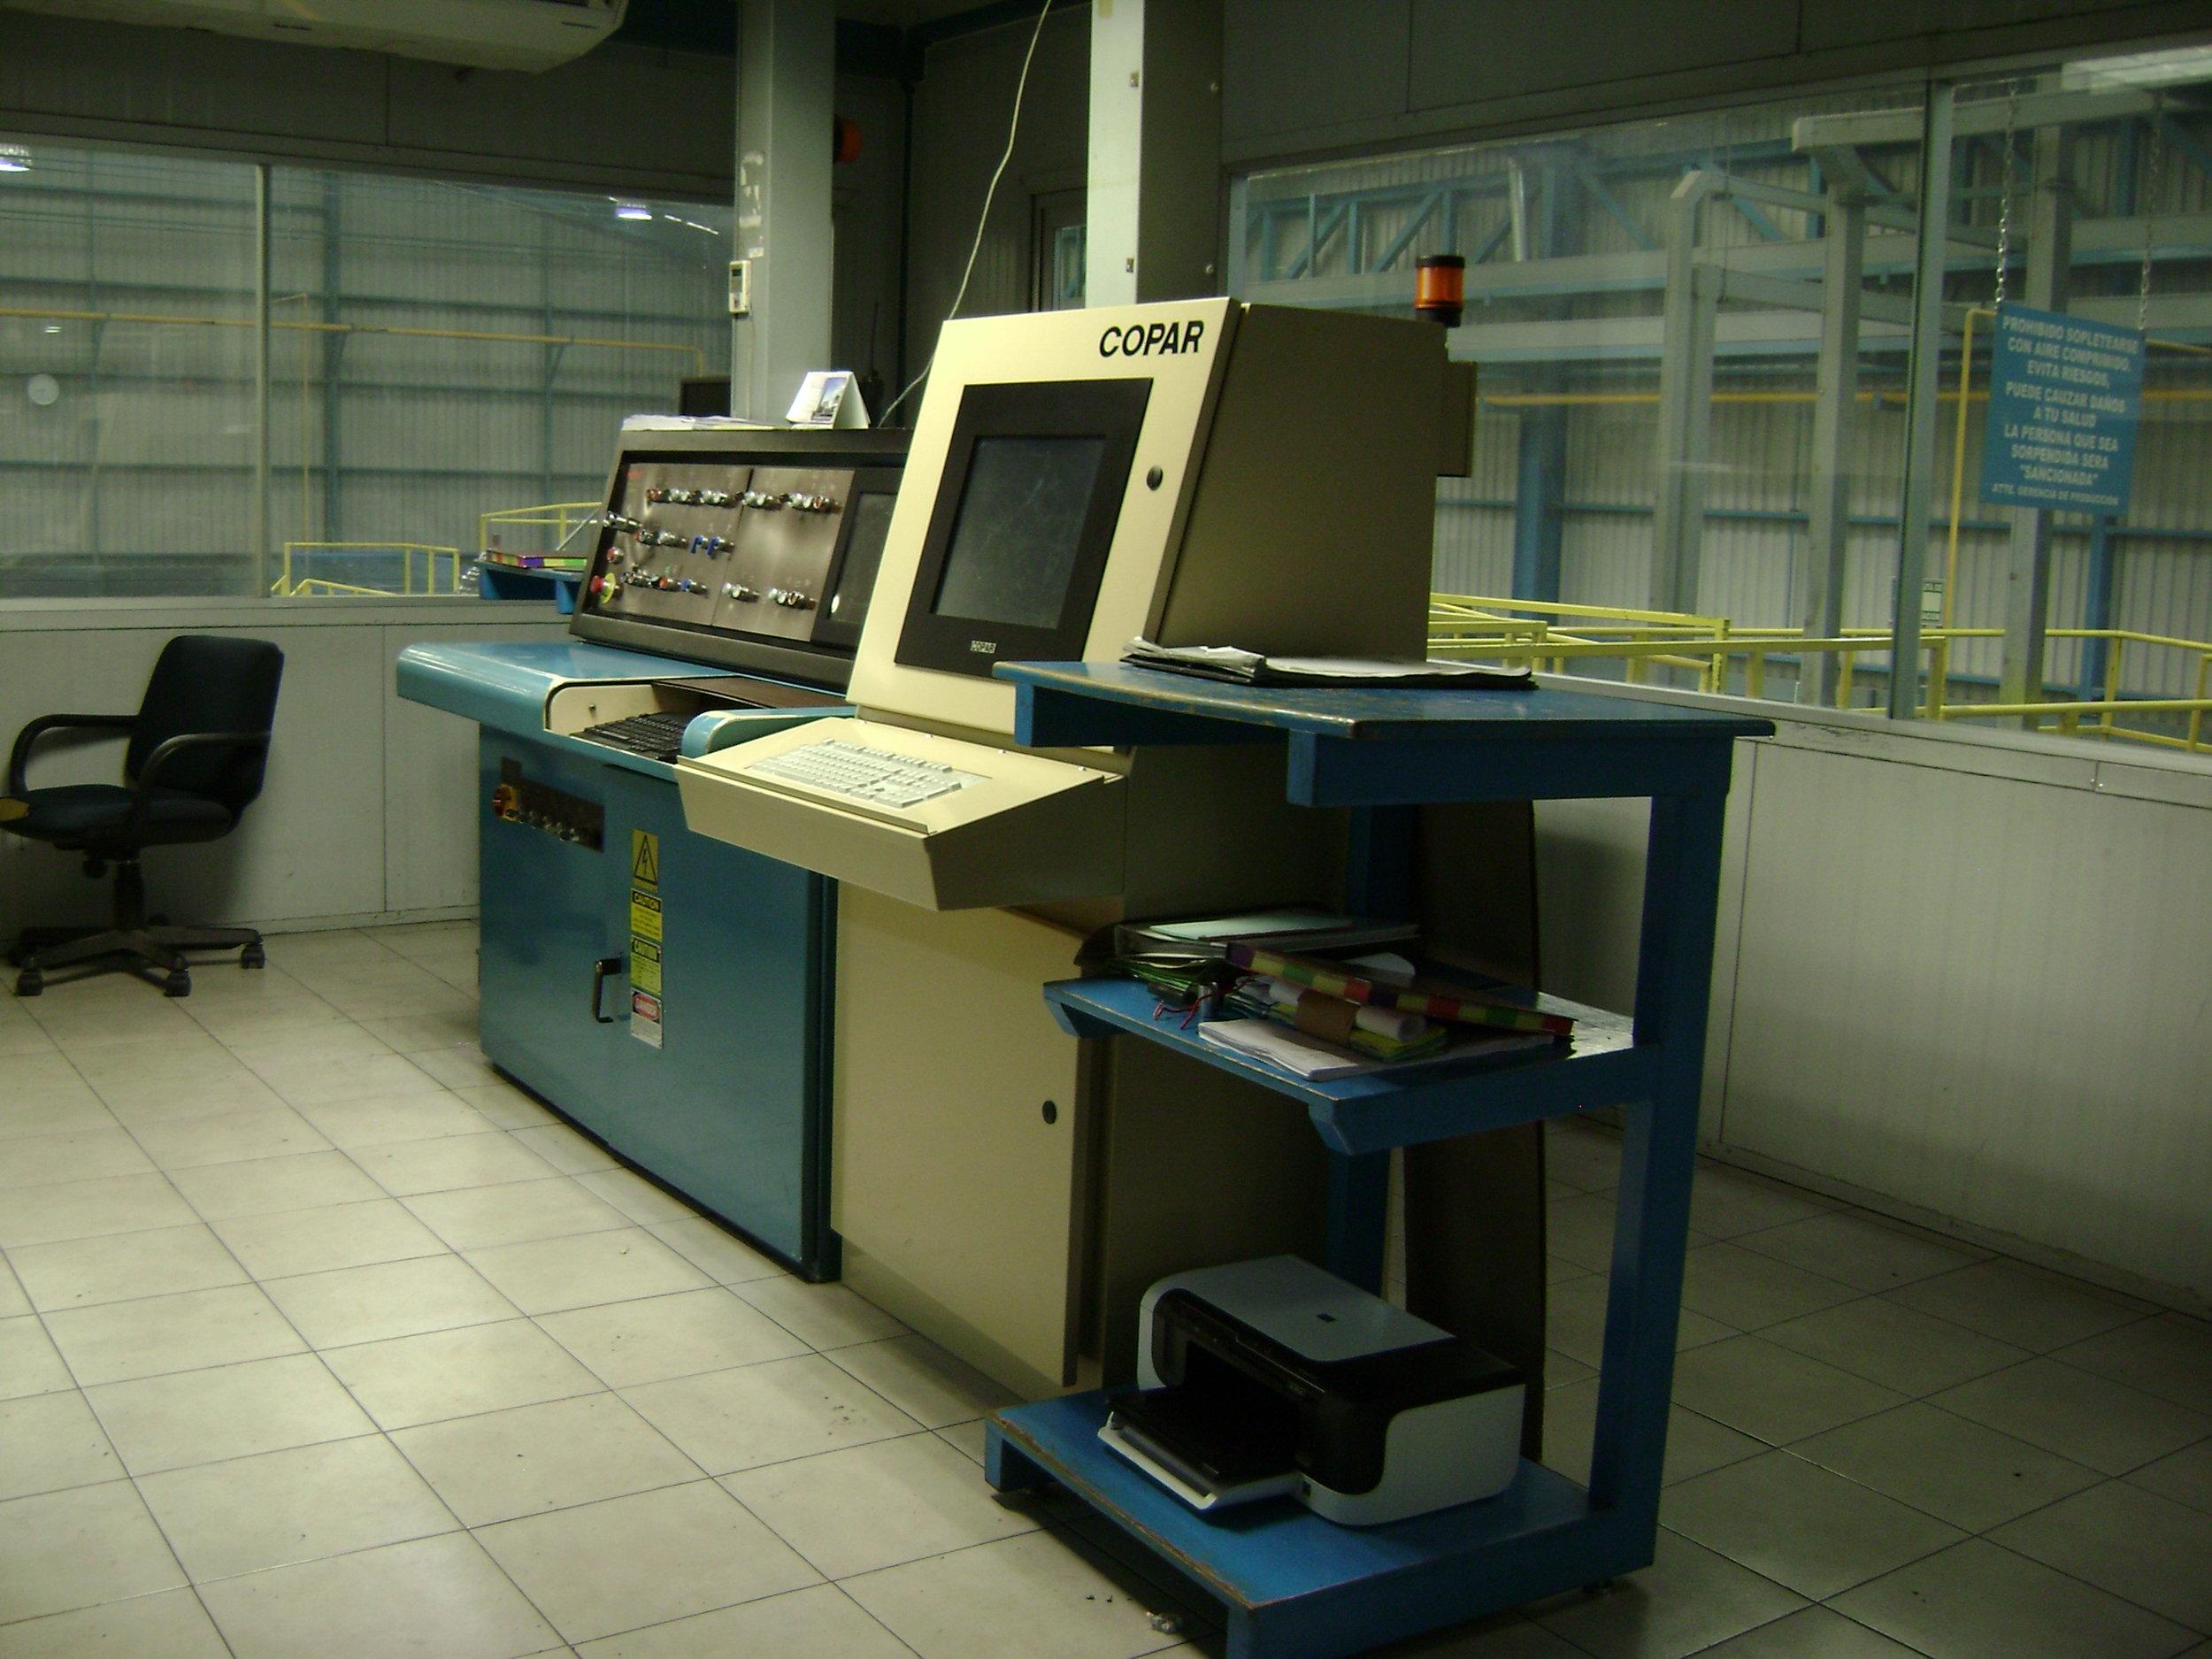 El sistema incluye un gabinete de control para la sala de control en el extremo húmedo, más una o más estaciones de trabajo en el extremo húmedo, todas con pantalla táctil.